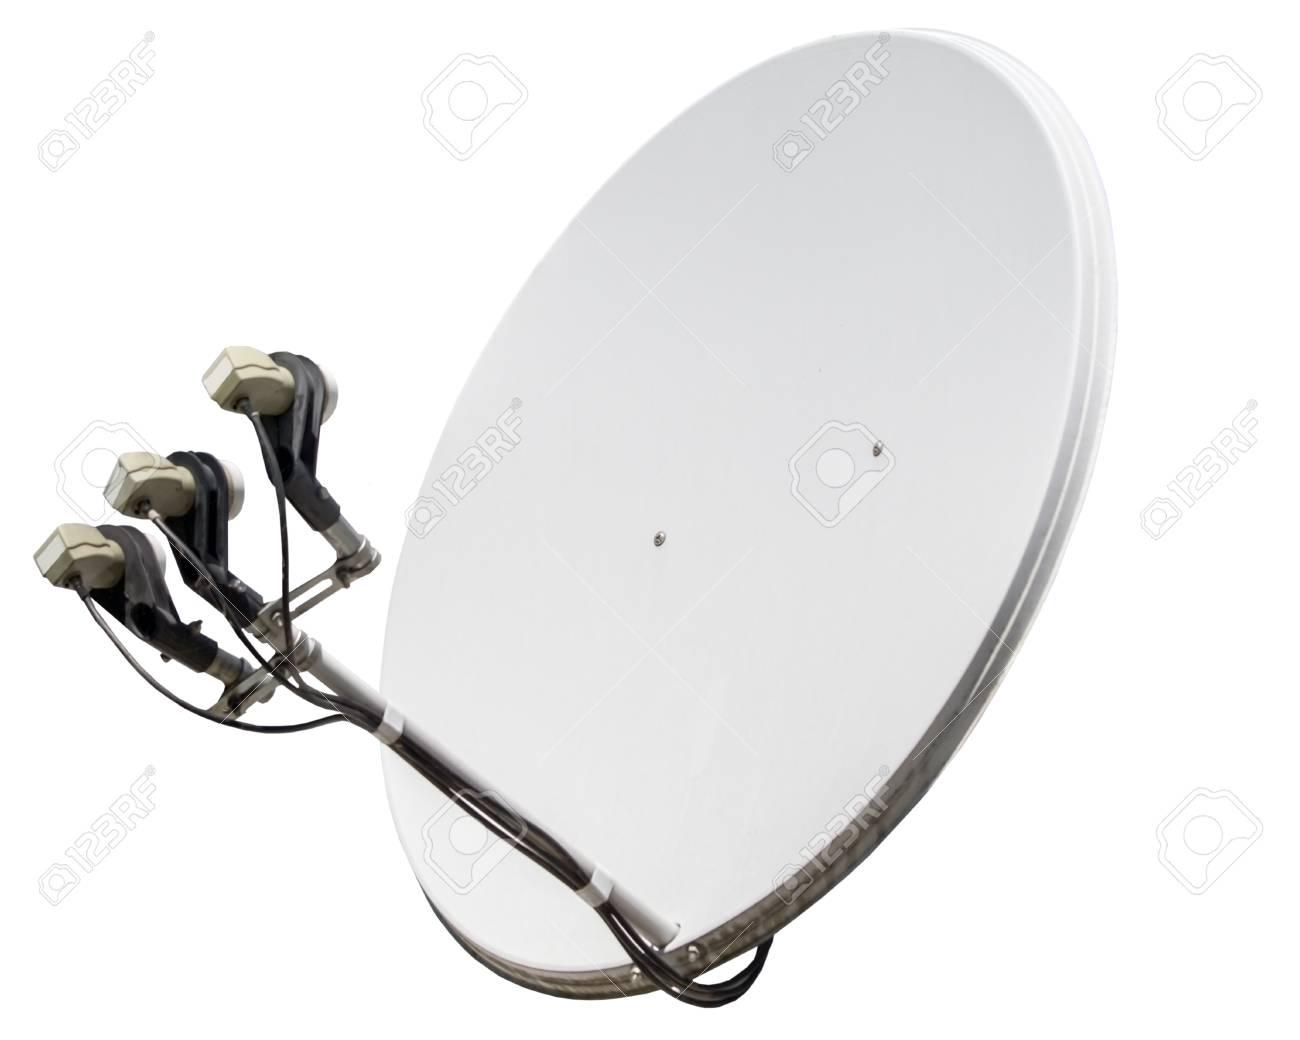 antenne parabolique isolé sur fond blanc banque d'images et photos